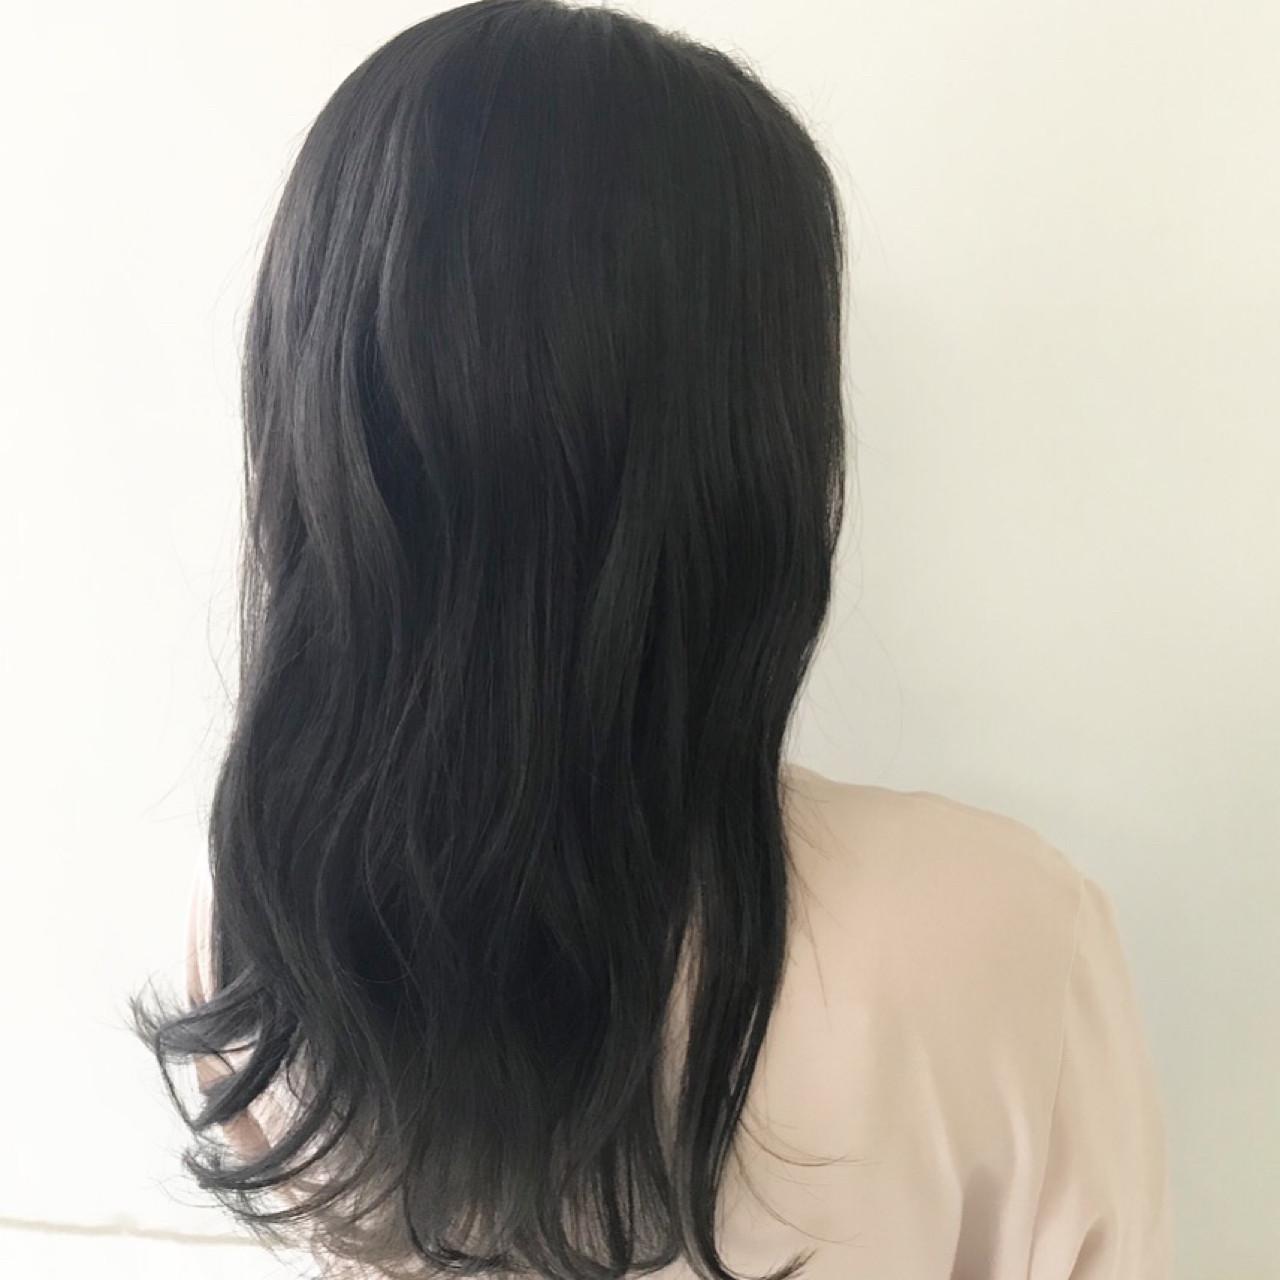 ロング ウェーブ オフィス 簡単ヘアアレンジ ヘアスタイルや髪型の写真・画像 | 新谷 朋宏 / Free hairstylist shinya